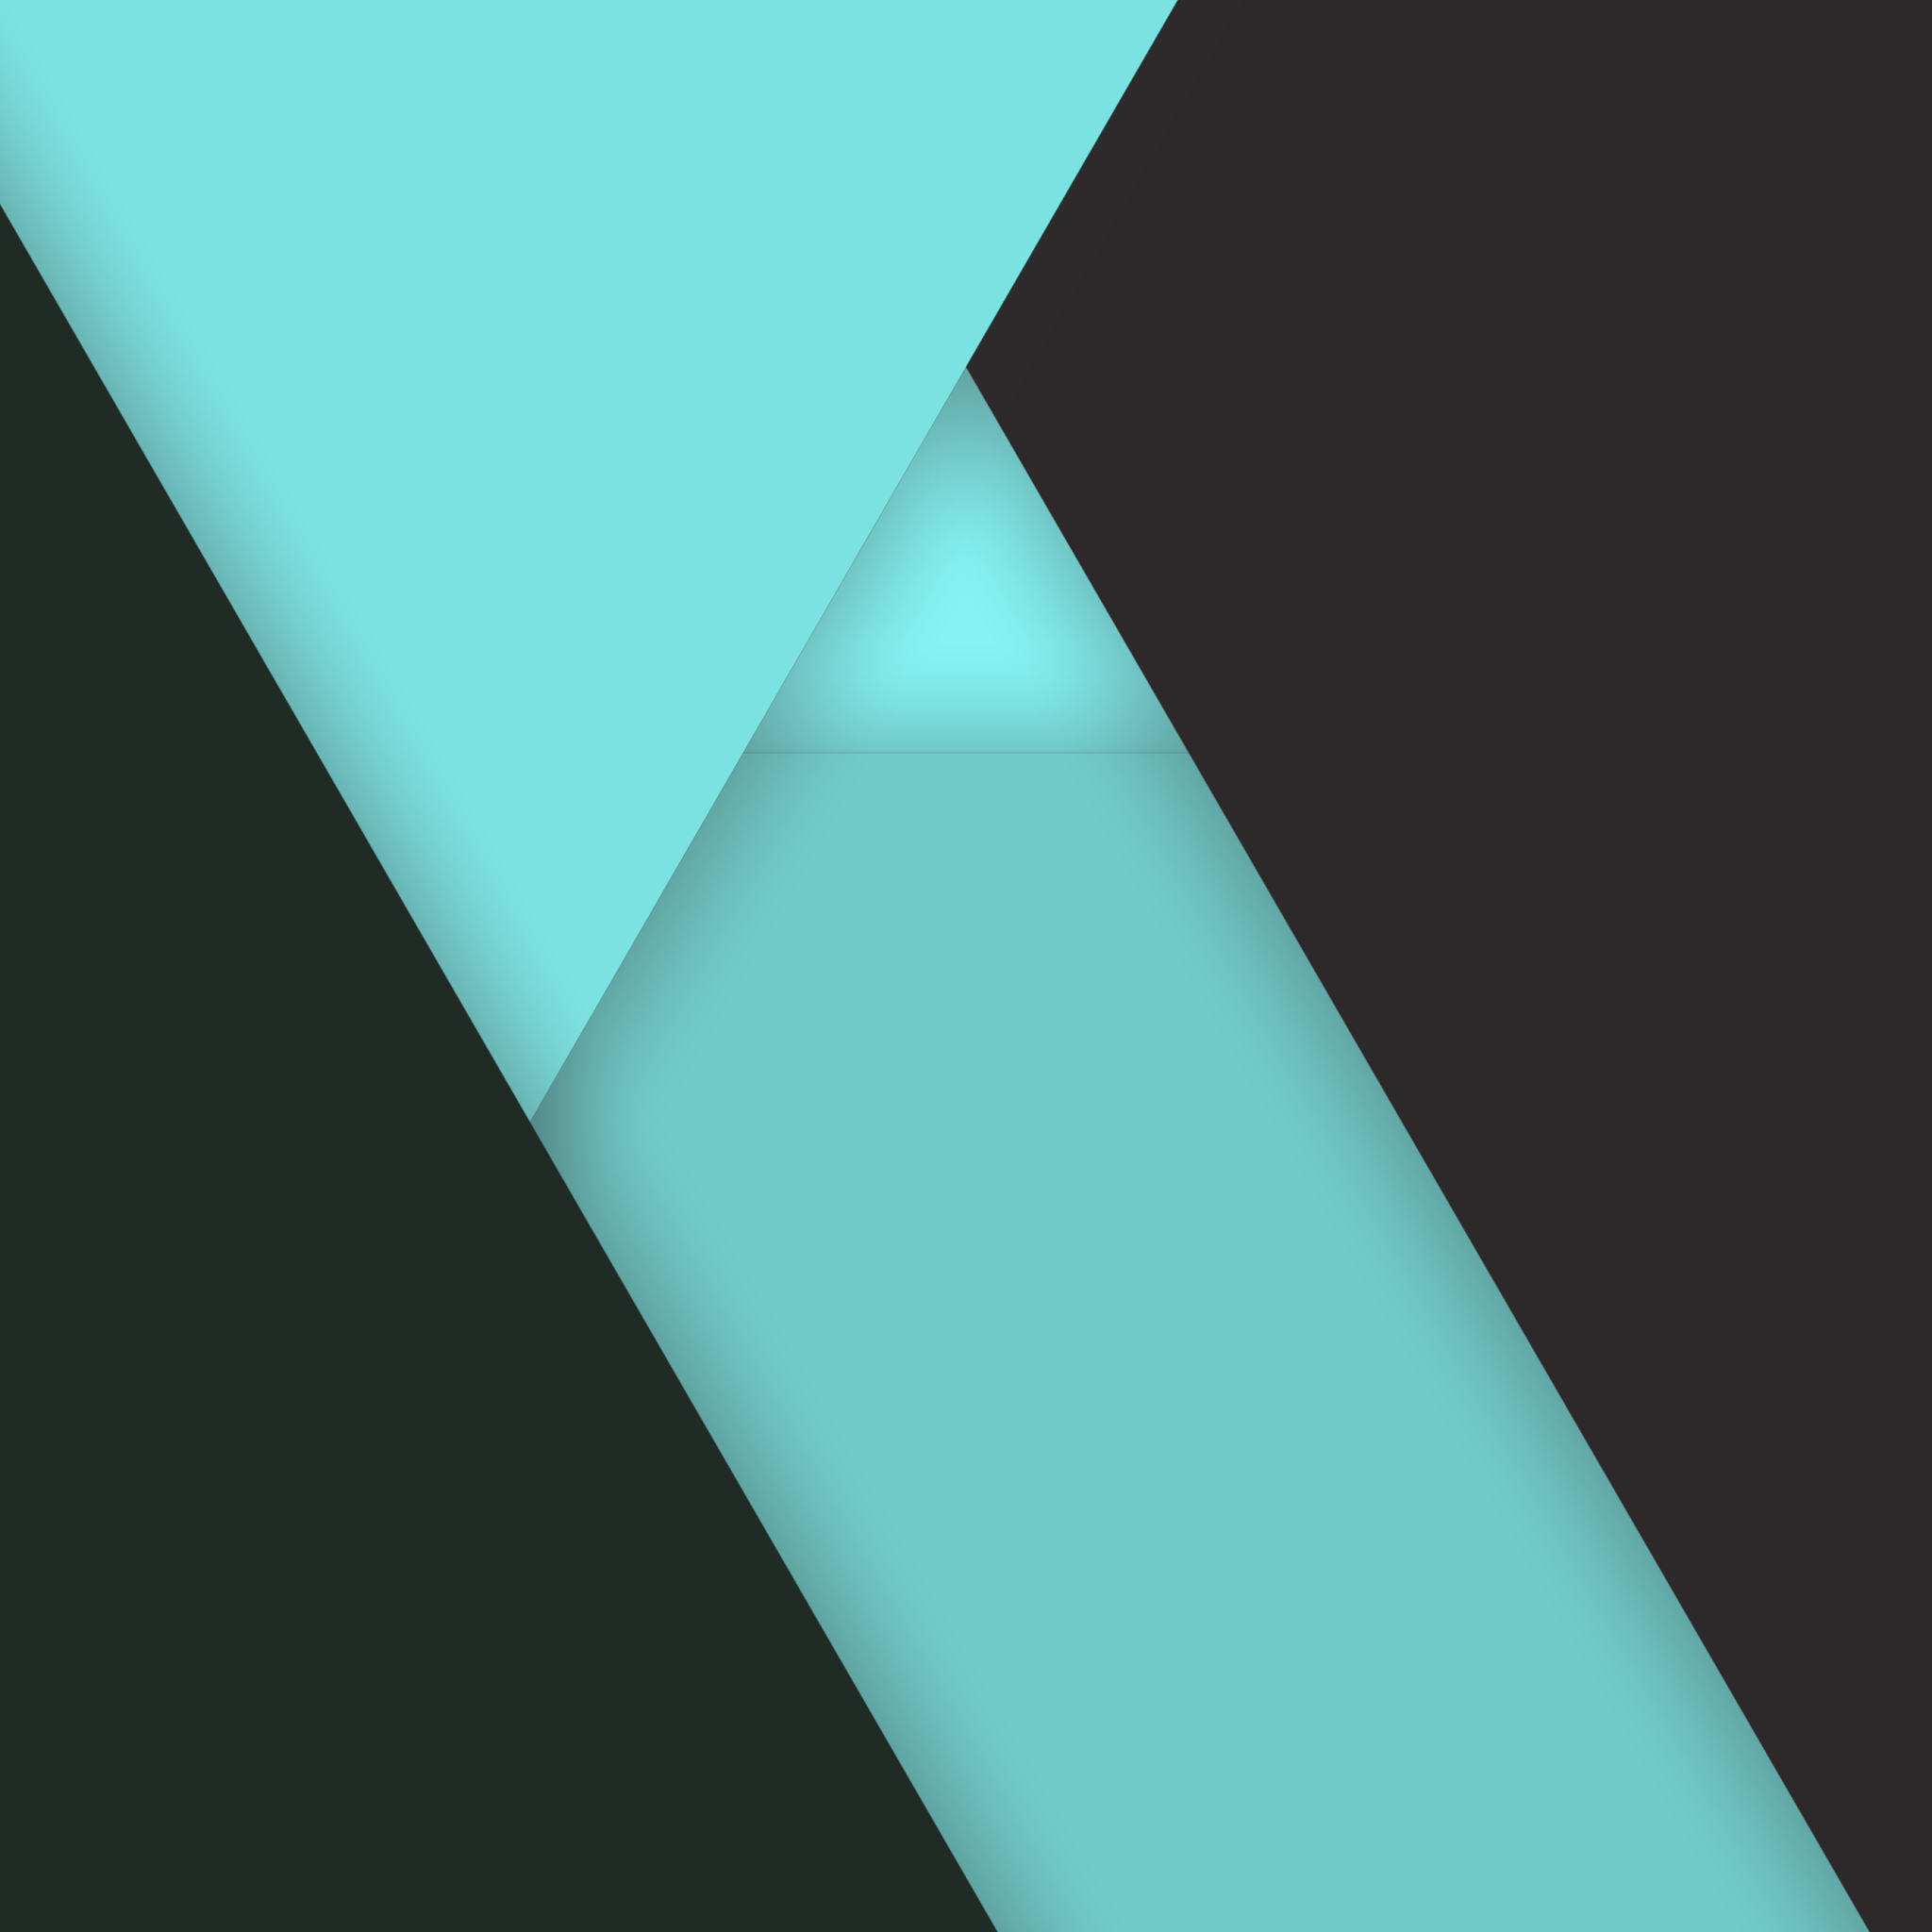 20 Google Material Design HD Wallpapers